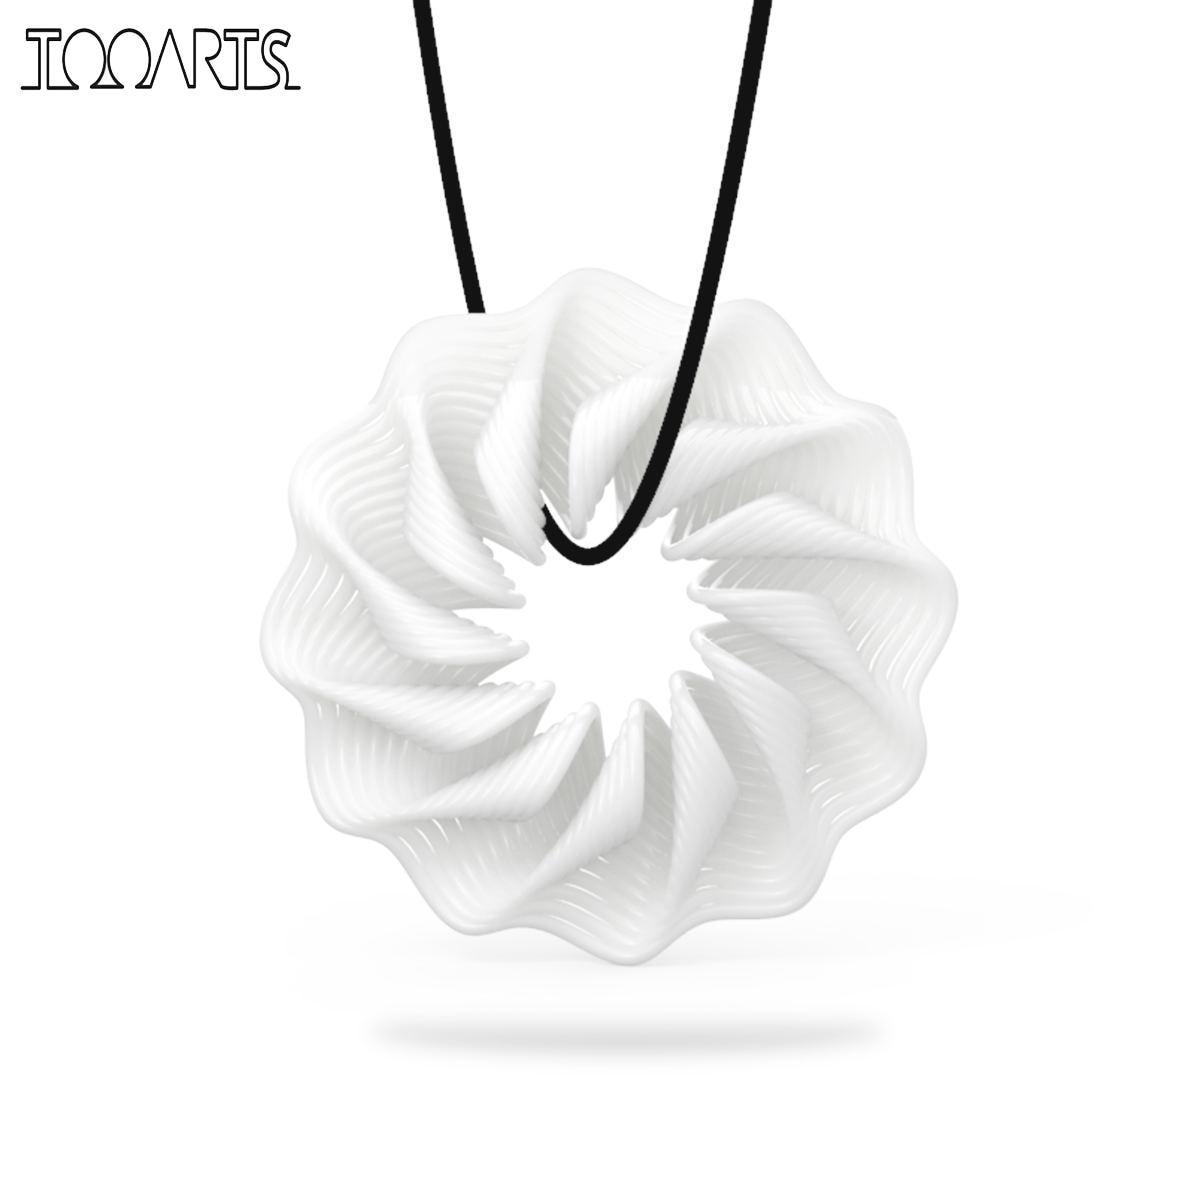 Tooarts Tomfeel 3D-tryckta smycken Rhythm Elegant Modeling Hänge - Heminredning - Foto 1